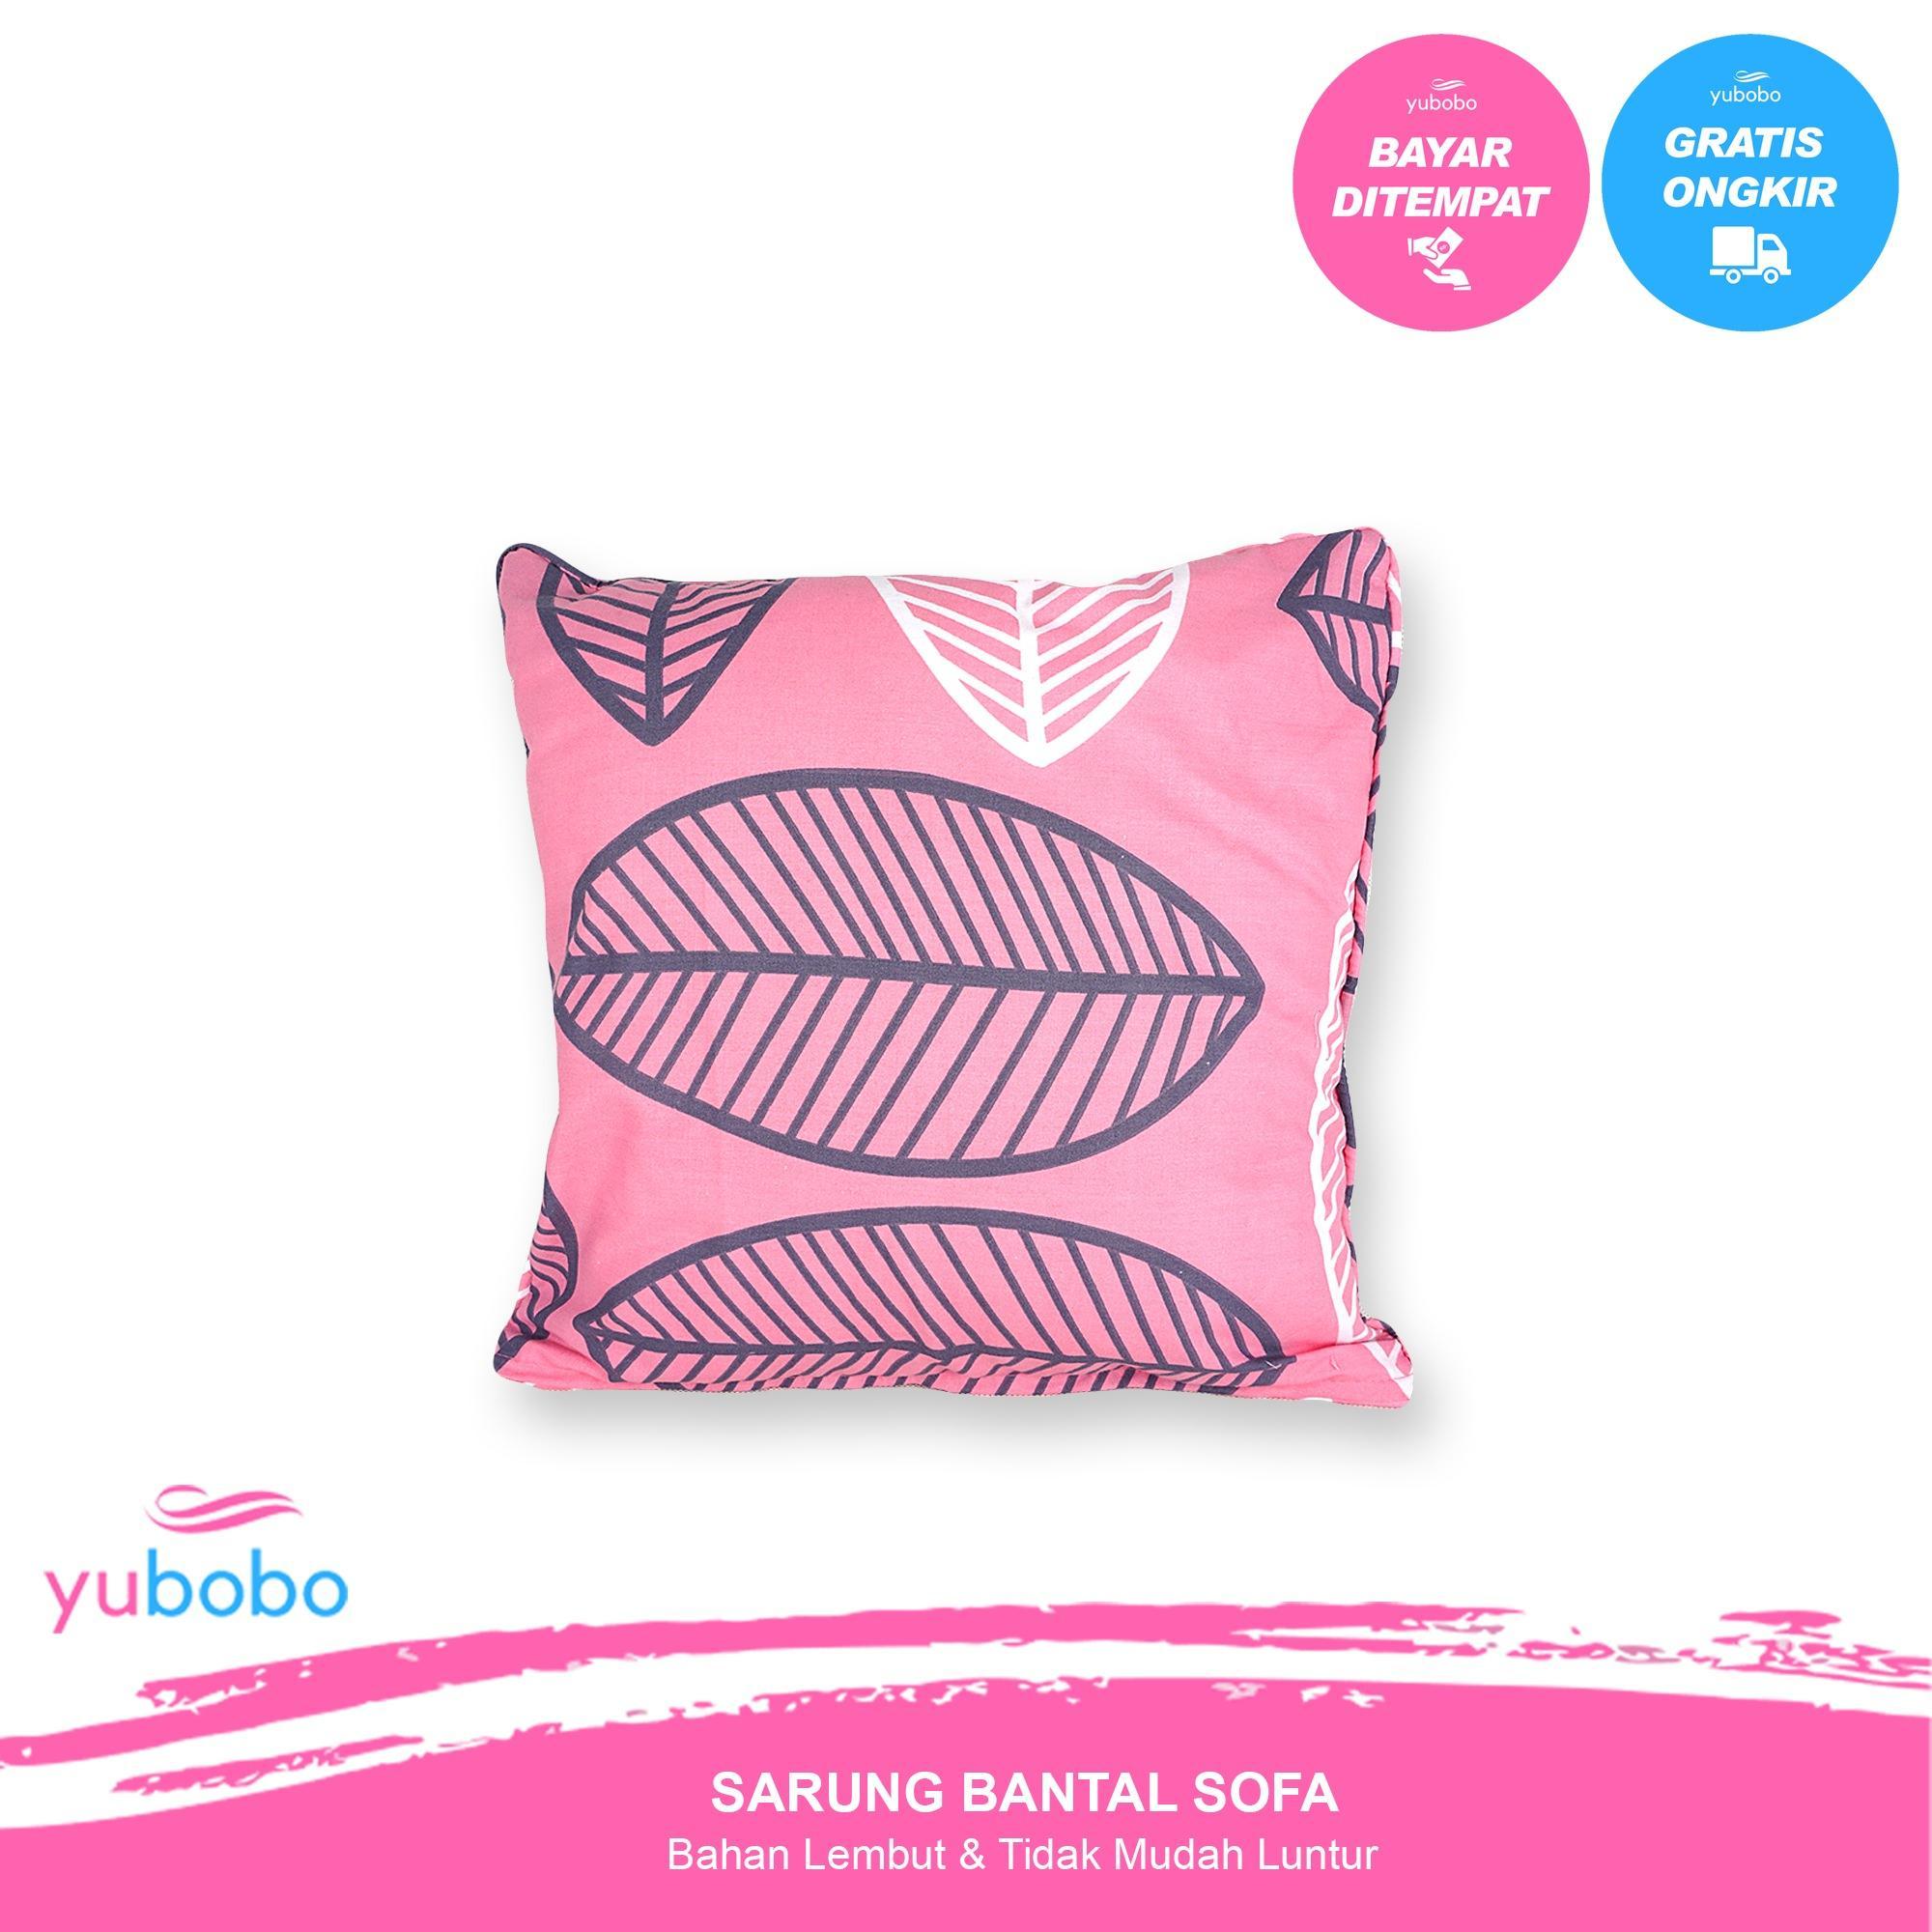 yubobo - Promo (Sarung + Bantal) Sofa Tamu 40 x 40 cm - Kursi